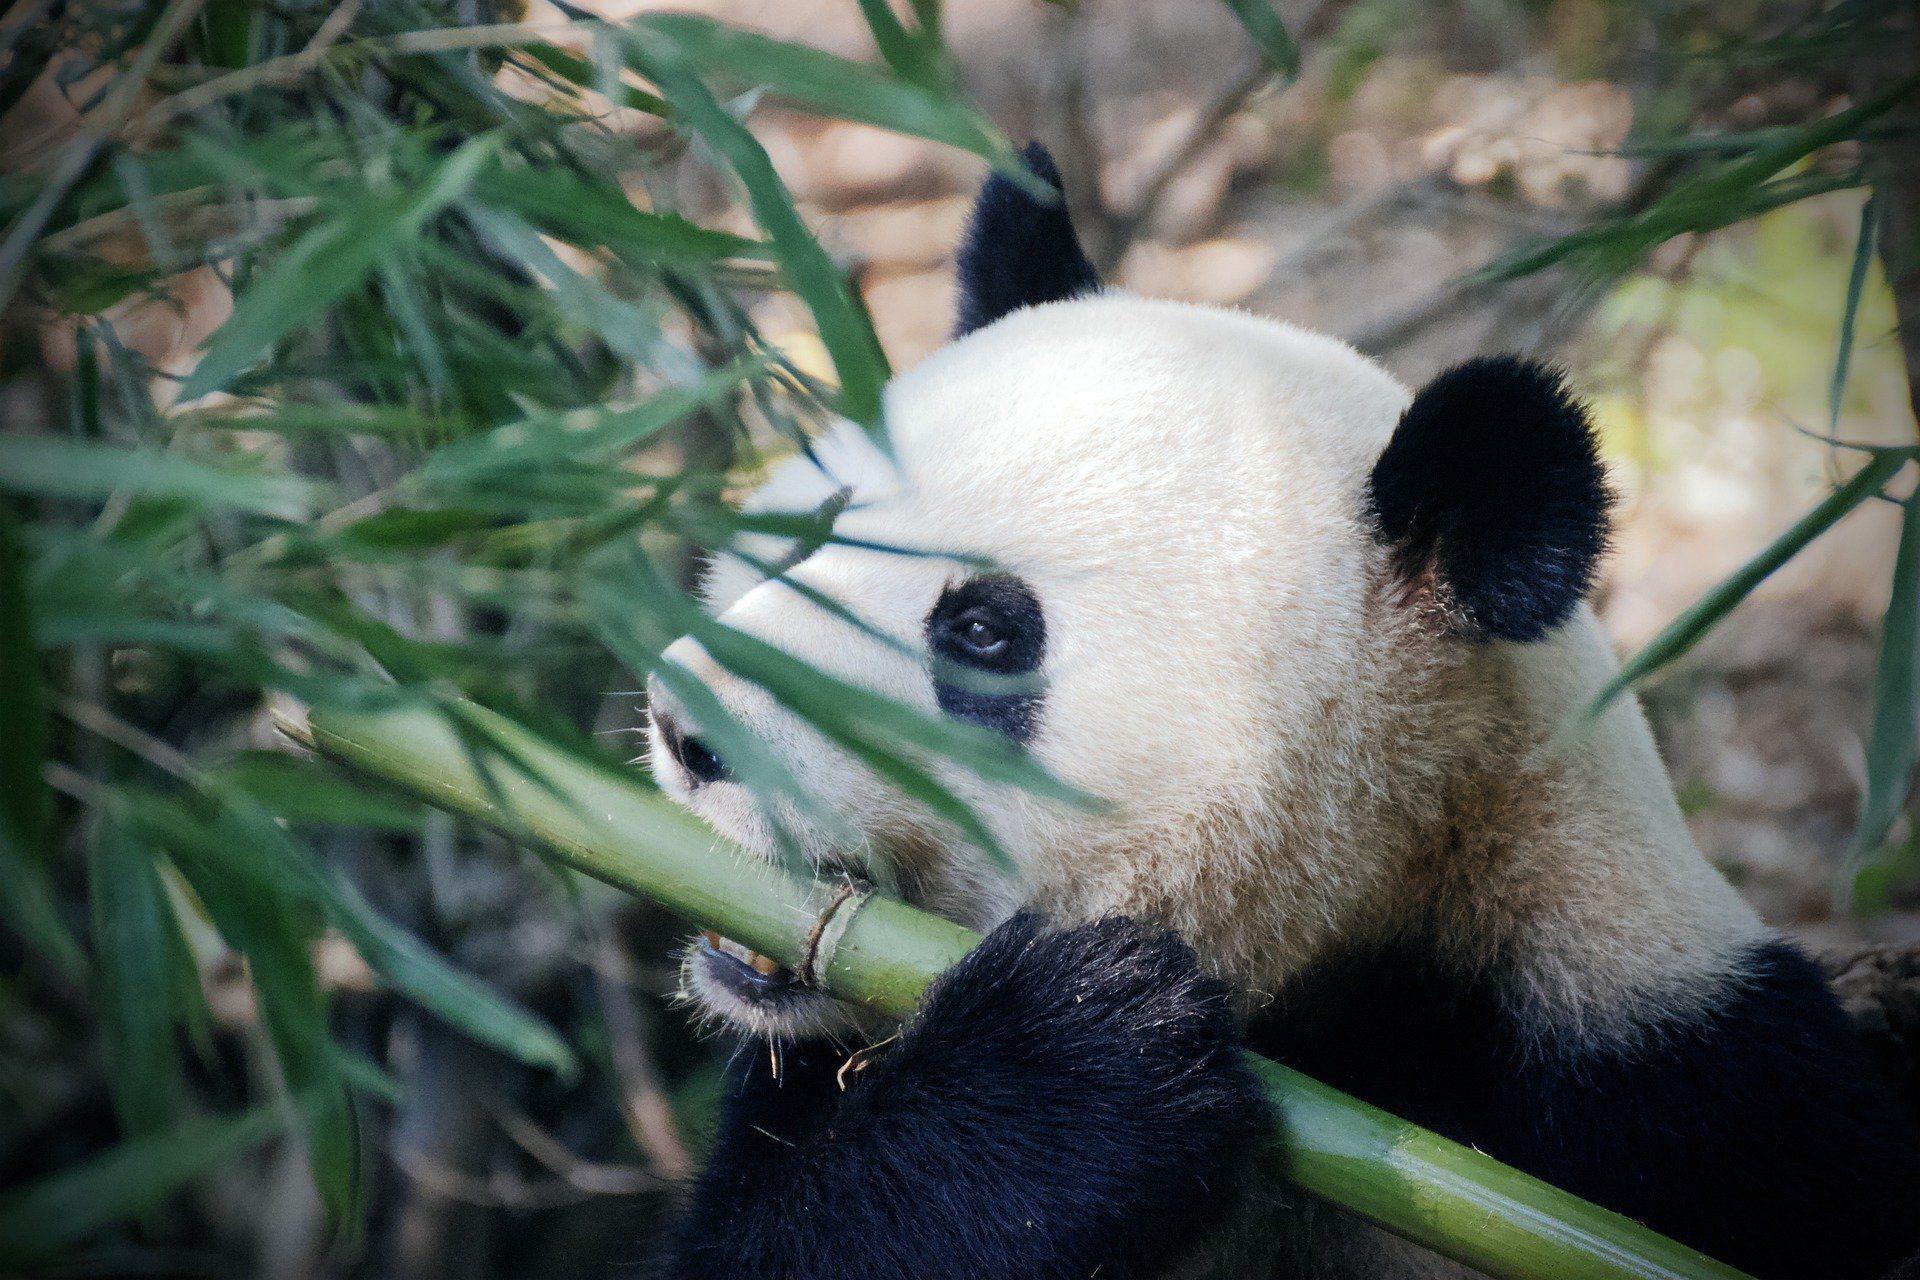 Panda bear in Beijing, China